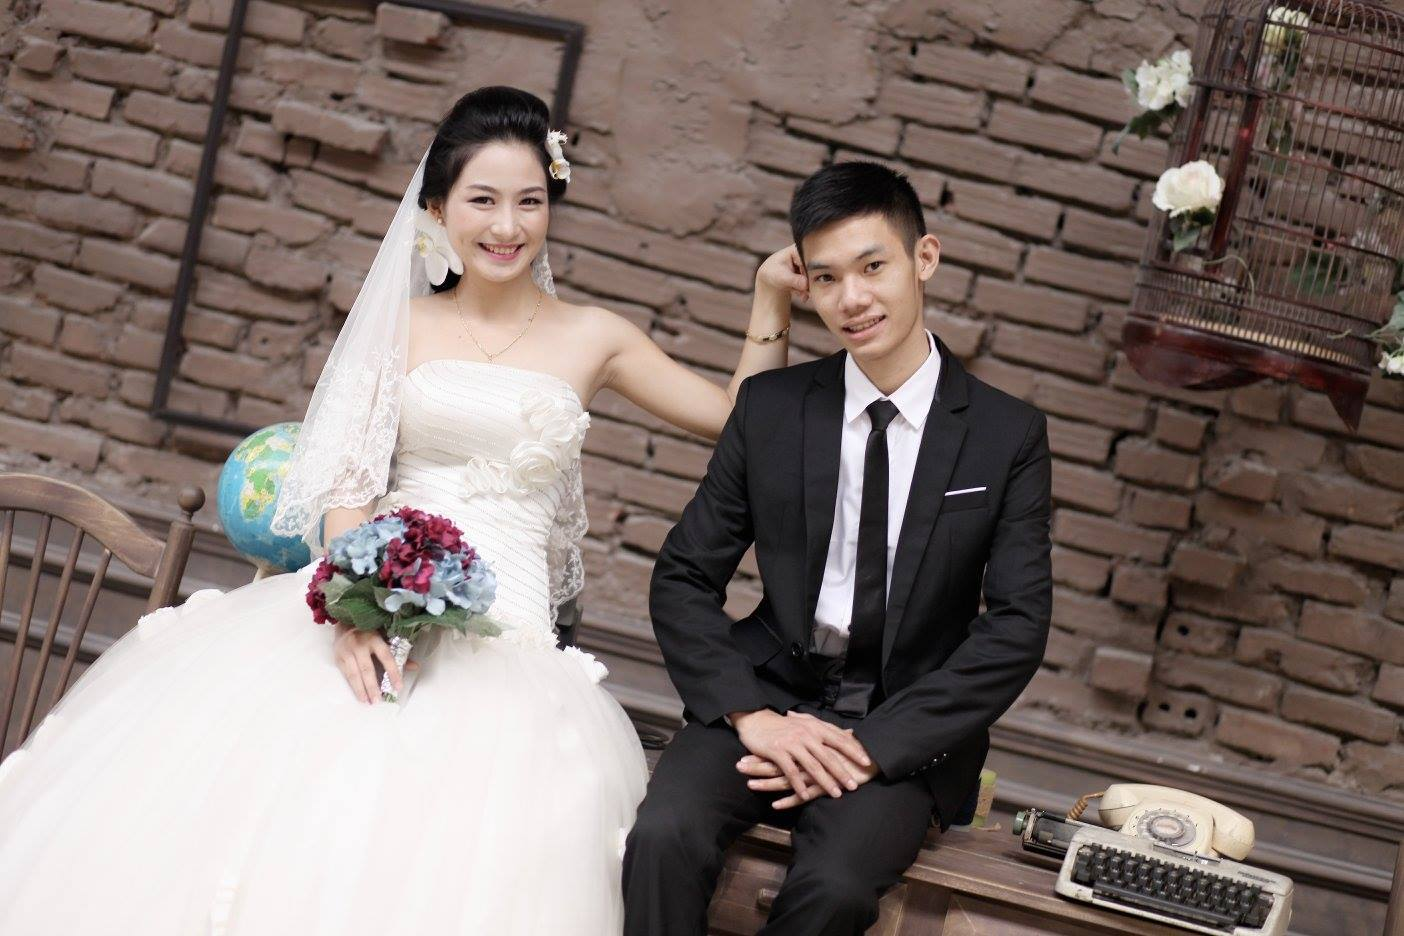 Cuộc sống sướng như tiên với mẹ chồng tâm lý của hot girl Bắc Giang